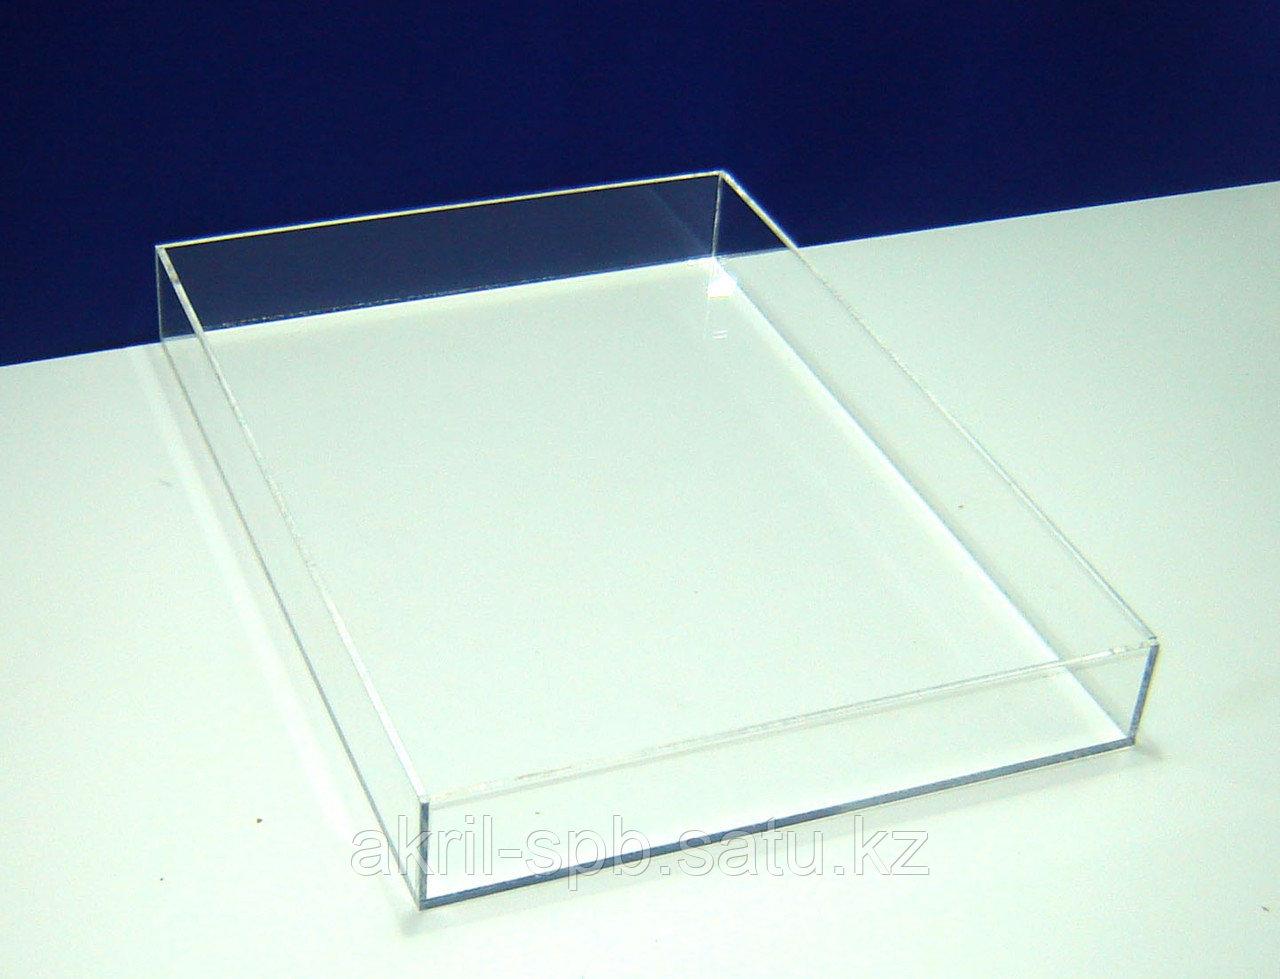 Короб для эбру А3 425х303х46 мм внутренний размер прозрачный